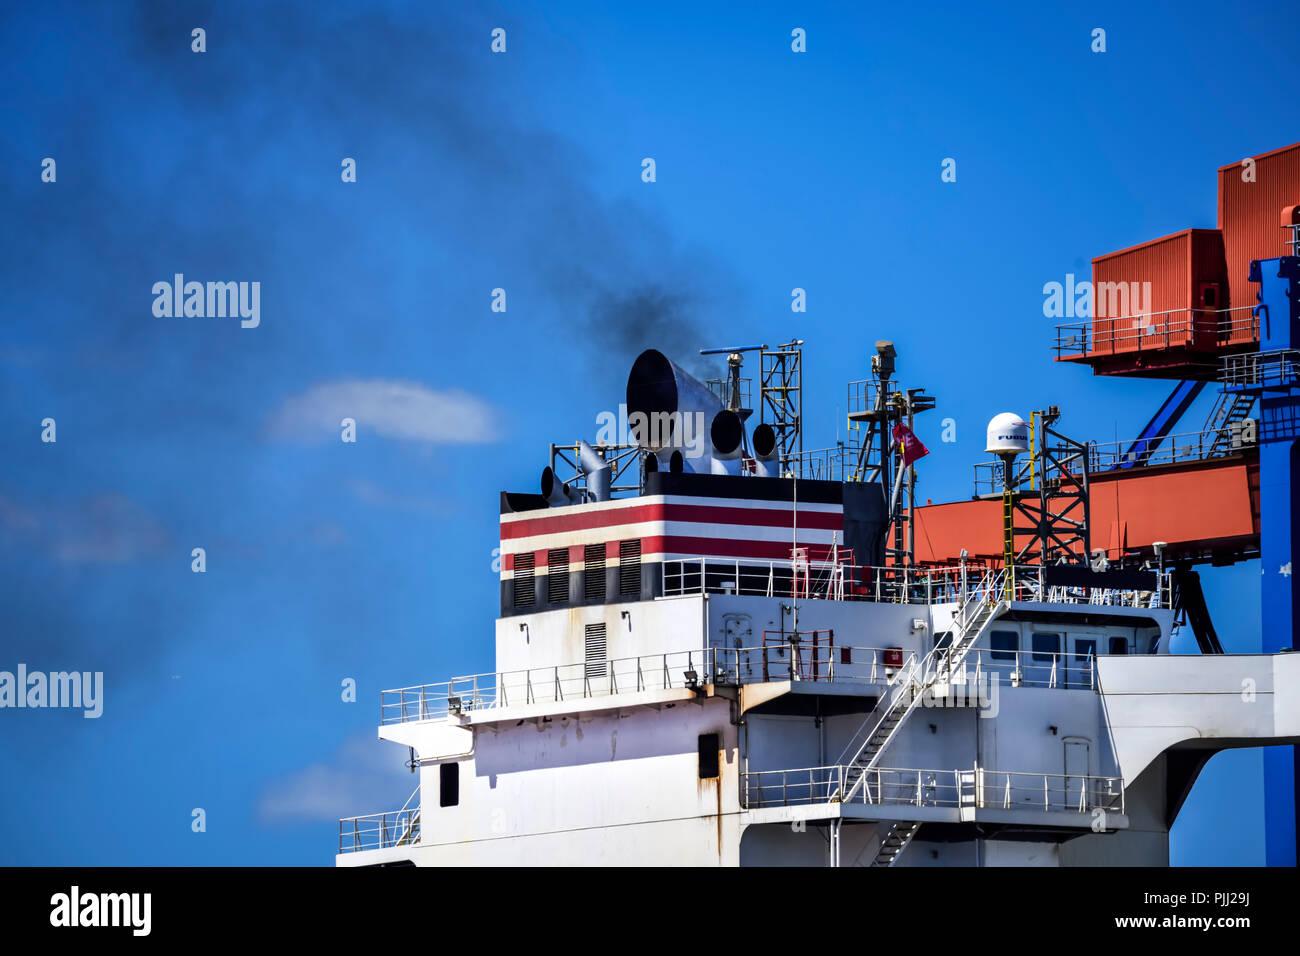 Smoking chimney of a container ship in Hamburg, Germany, Europe, Rauchender Schornstein eines Containerschiffes in Hamburg, Deutschland, Europa Stock Photo